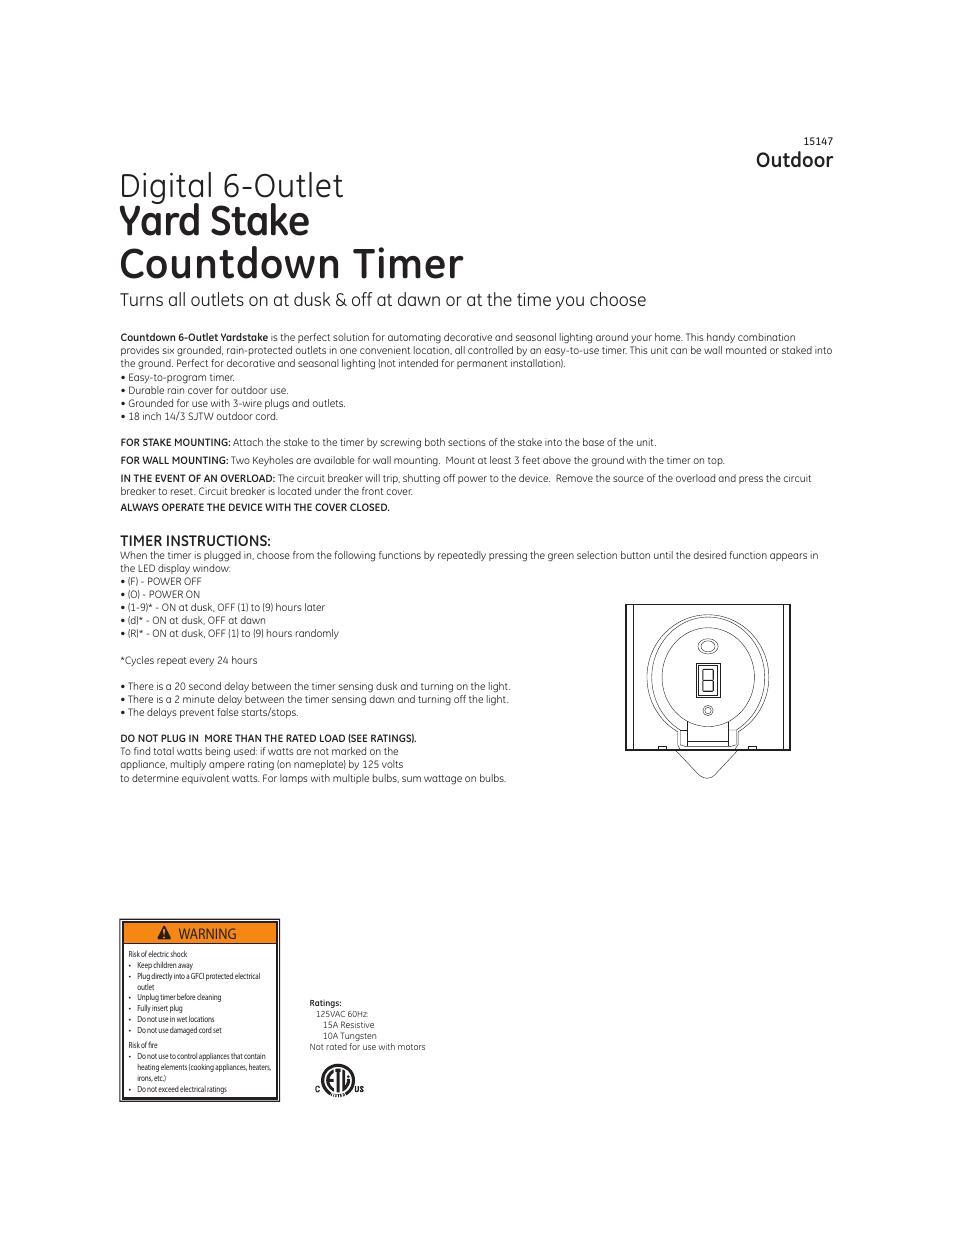 Ge 15147 Digital Yard Stake Timer User Manual 2 Pages